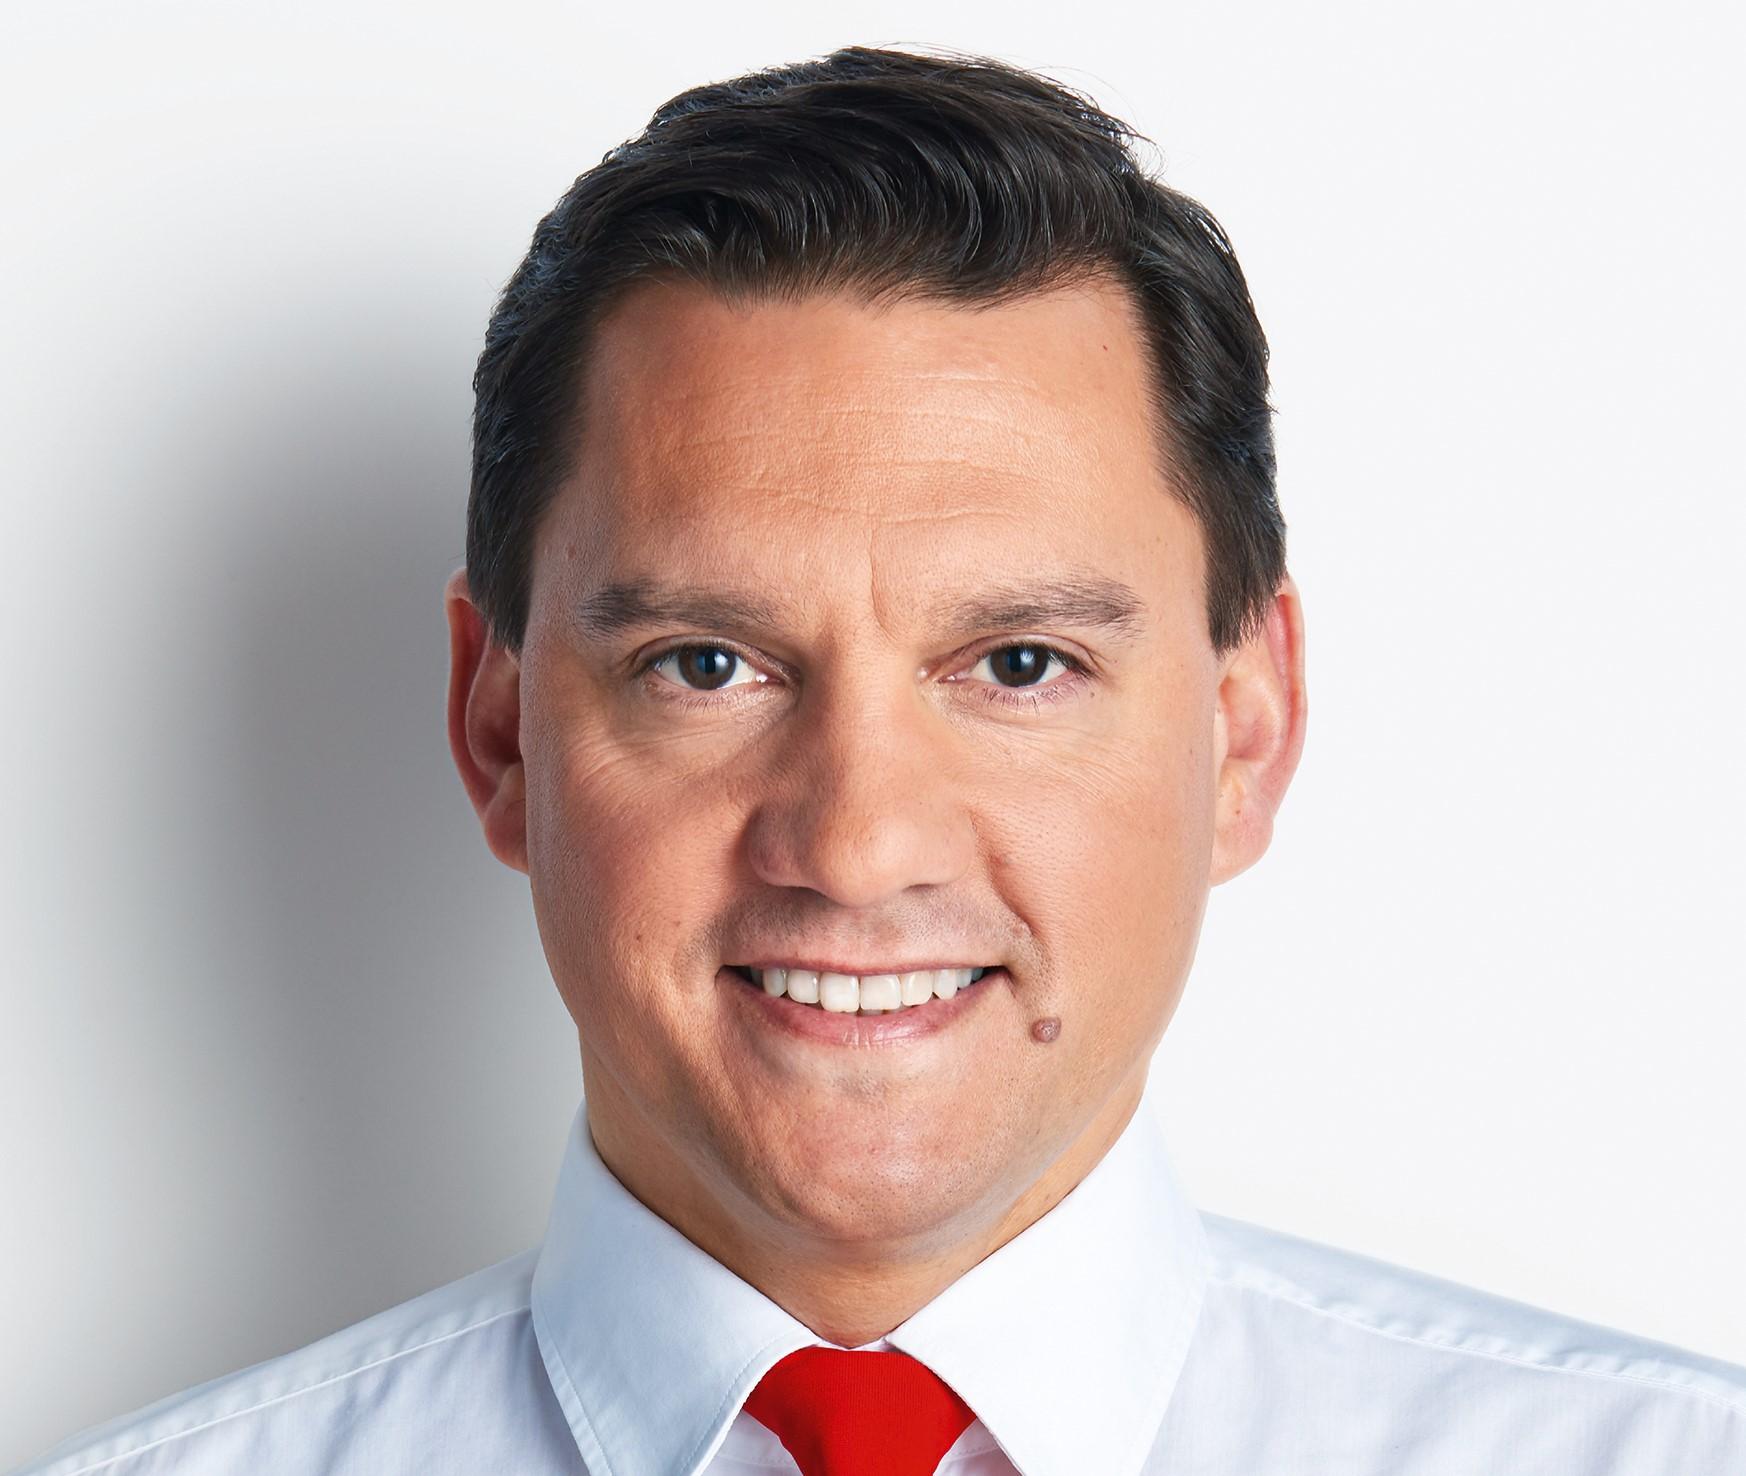 Johannes Fechner